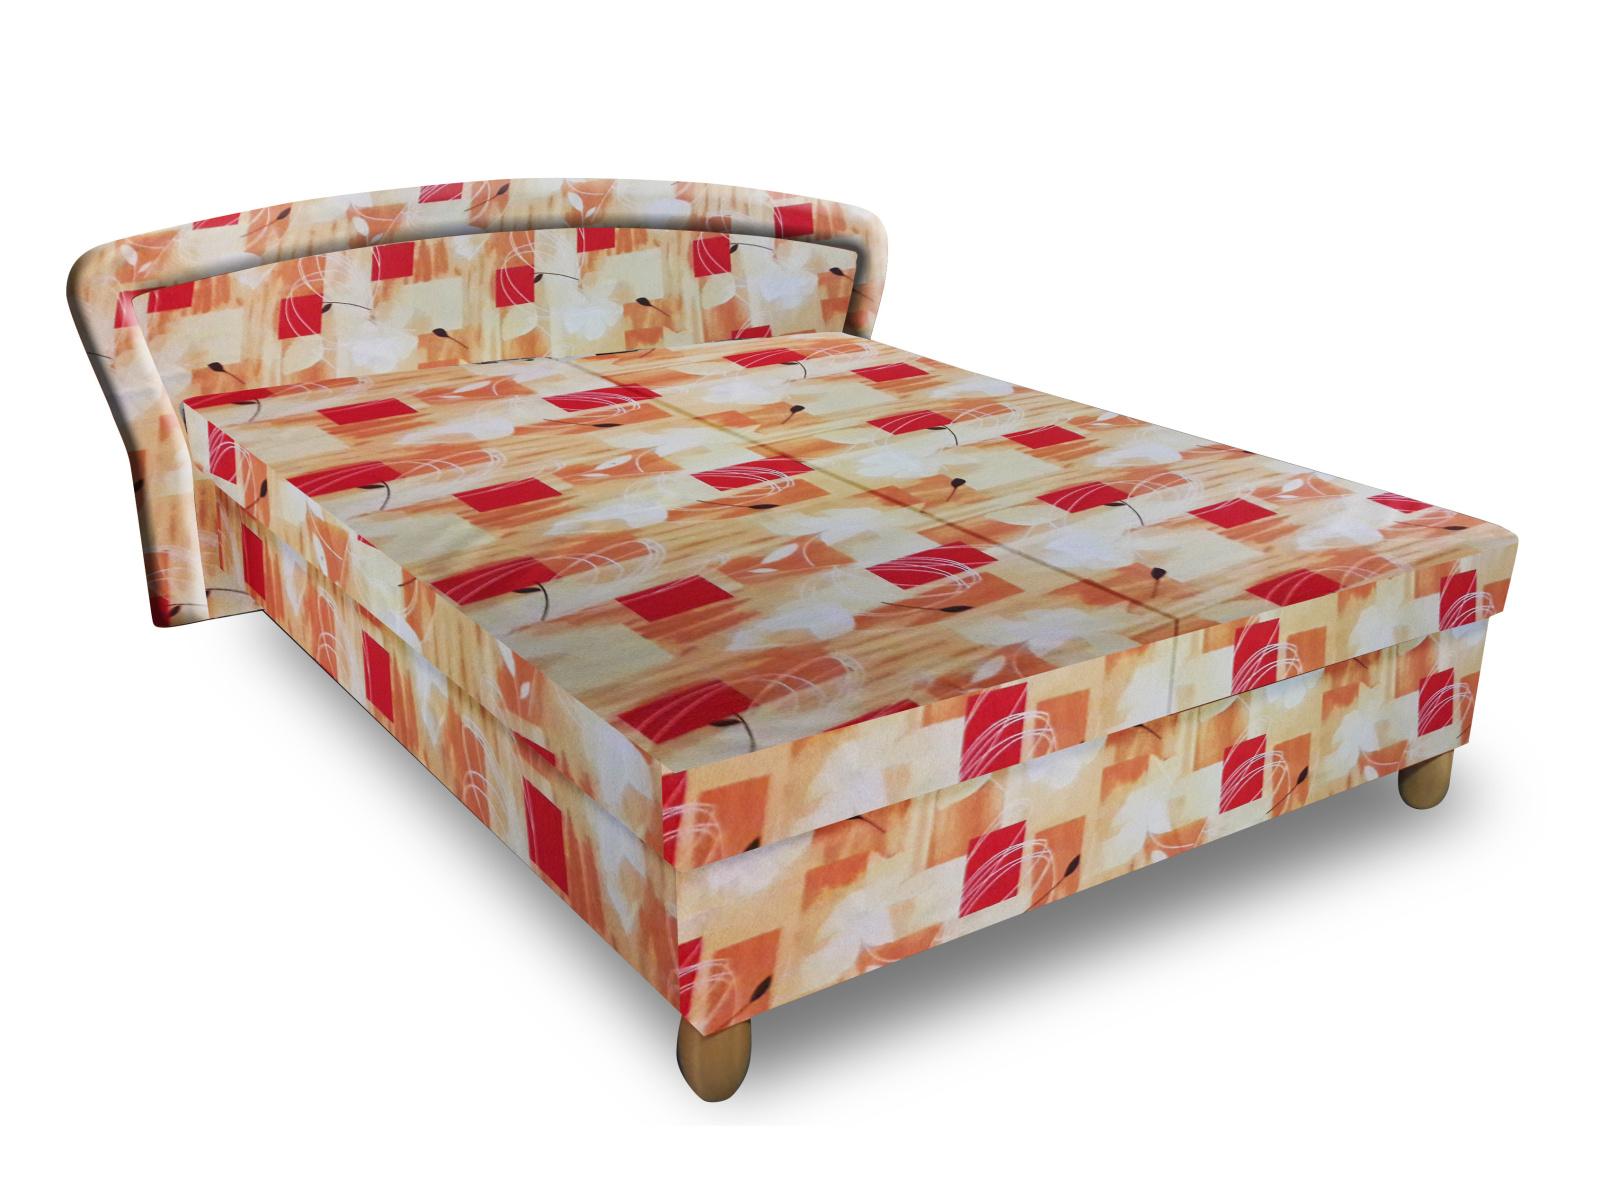 Smartshop Čalouněná postel PAVLA 140x200 cm, oranžová látka